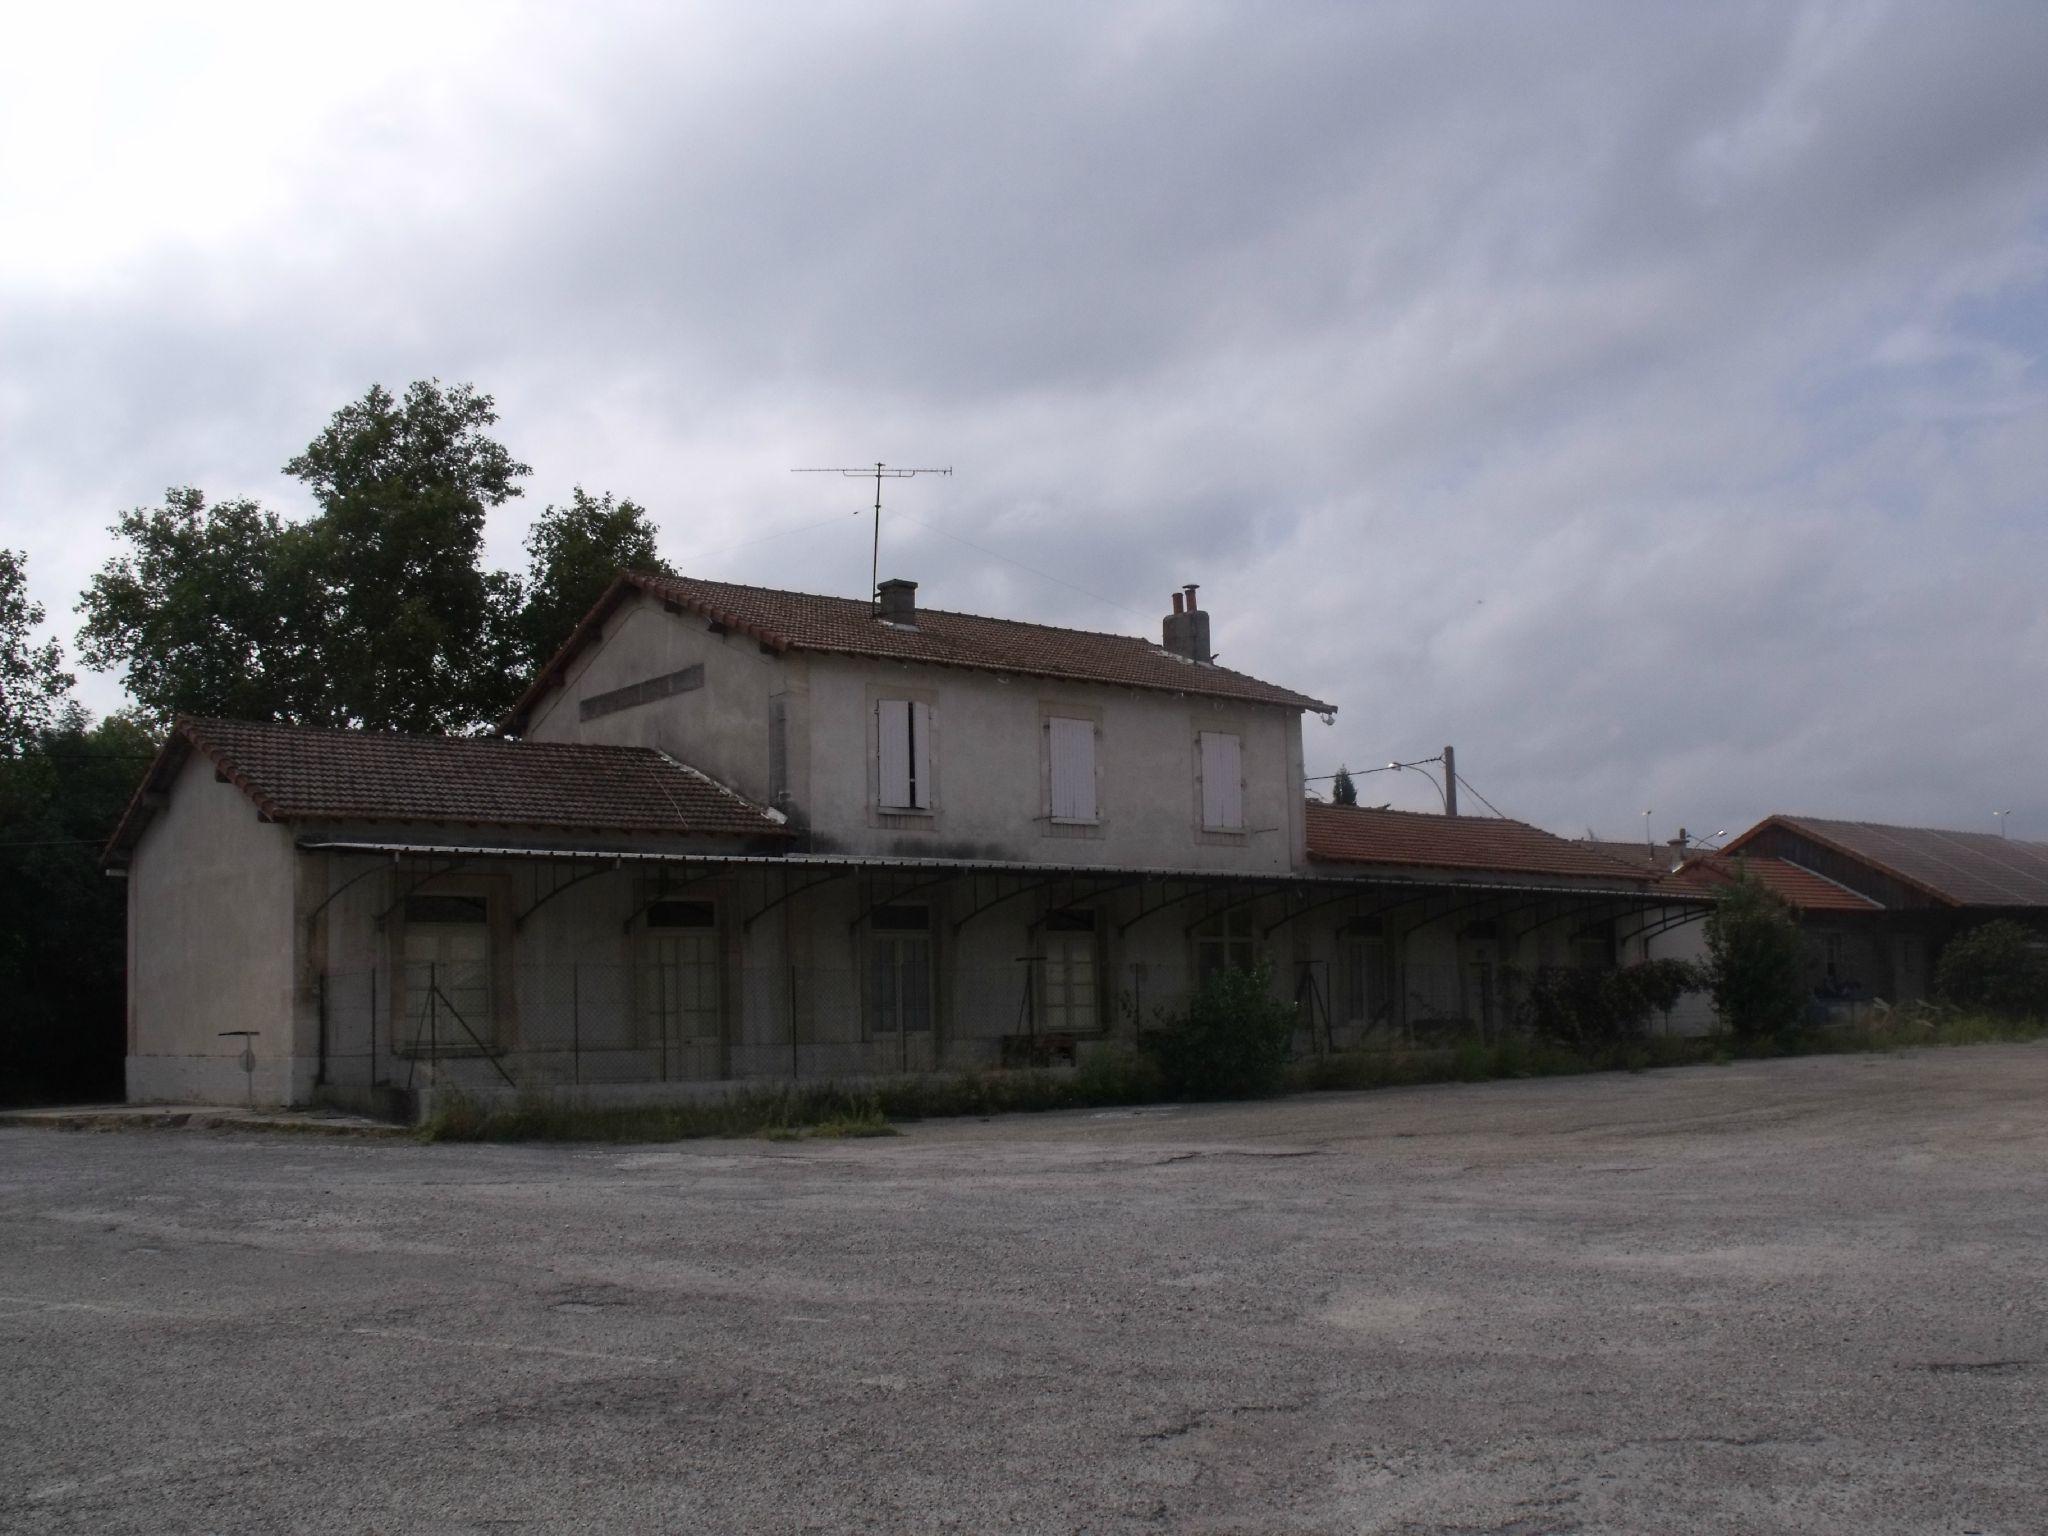 Arles-Trinquetaille (Bouches-du-Rhône - 13) 1